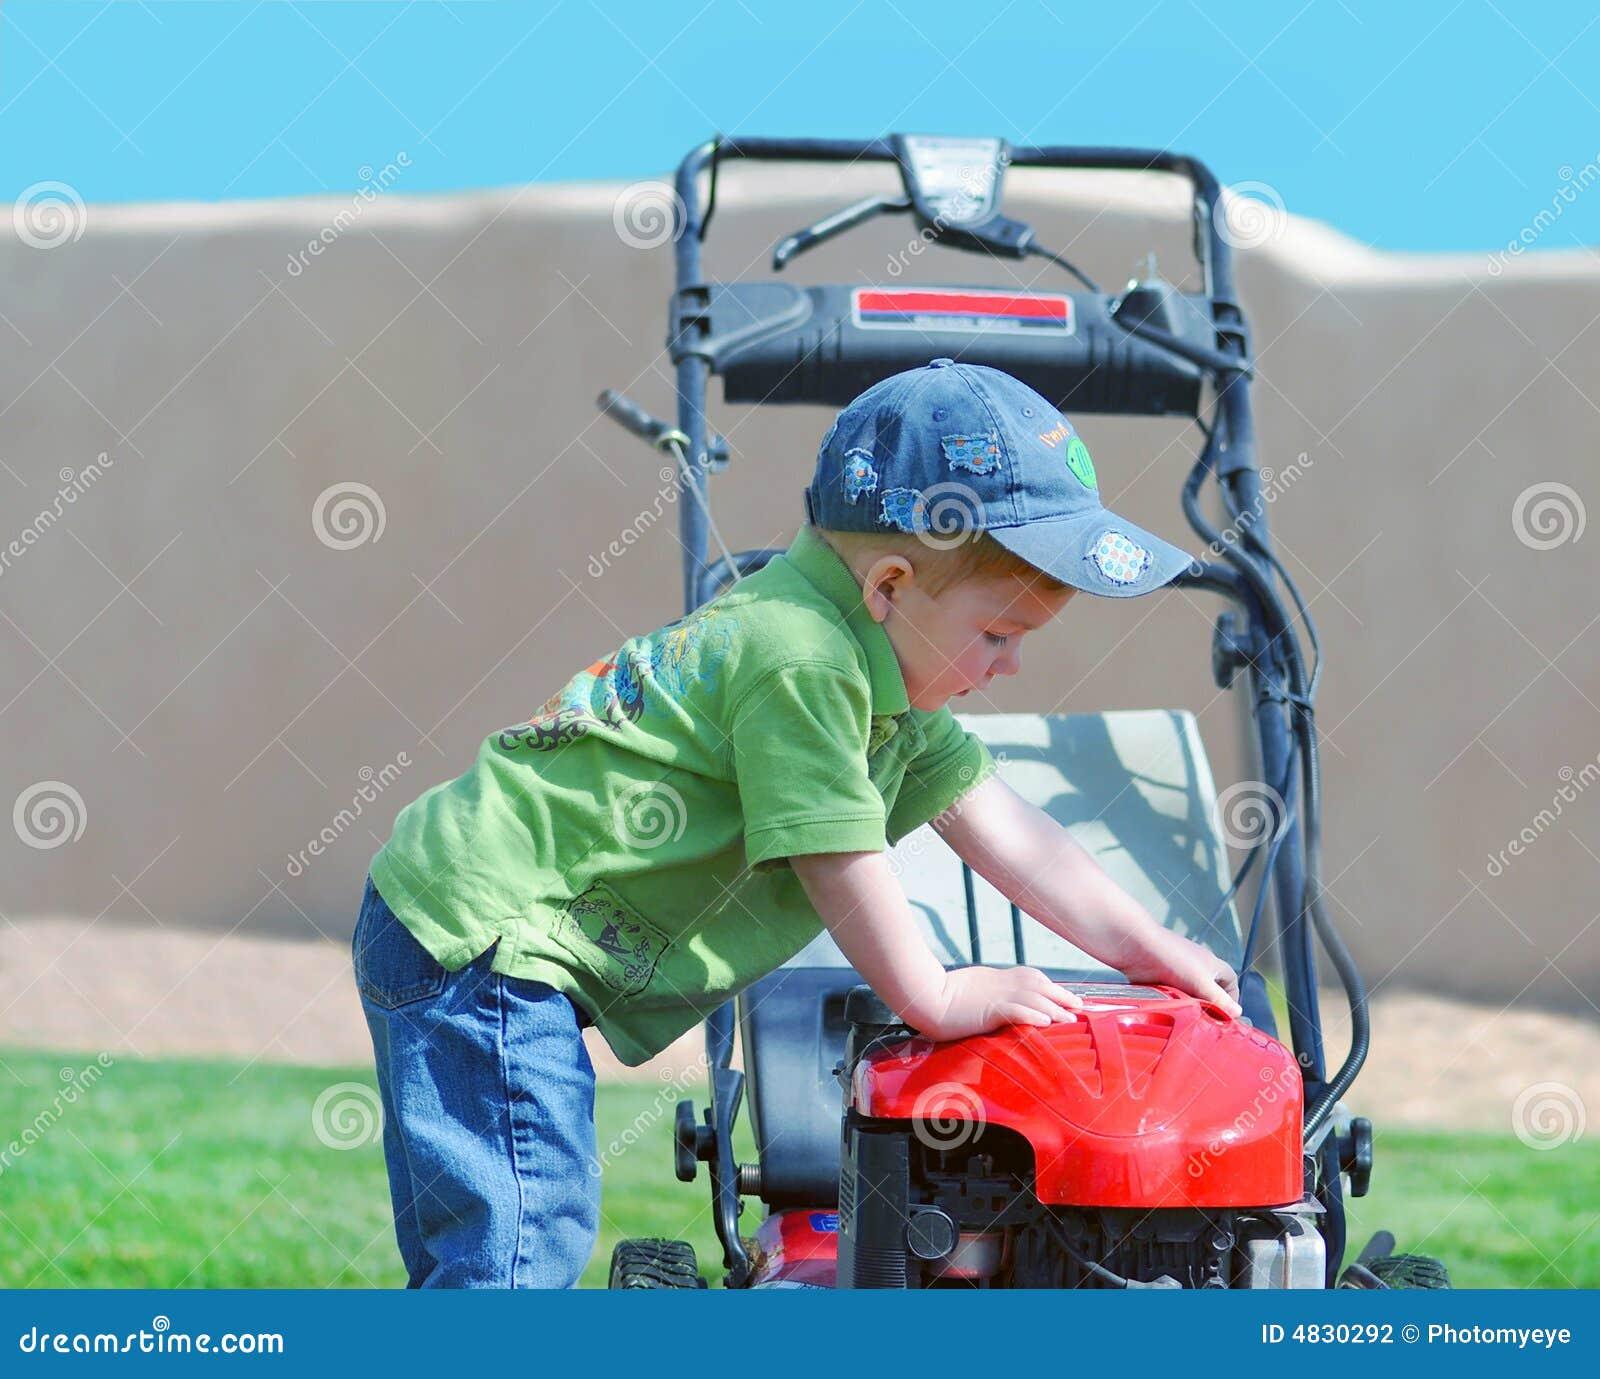 Junger Junge und Gartenmäher